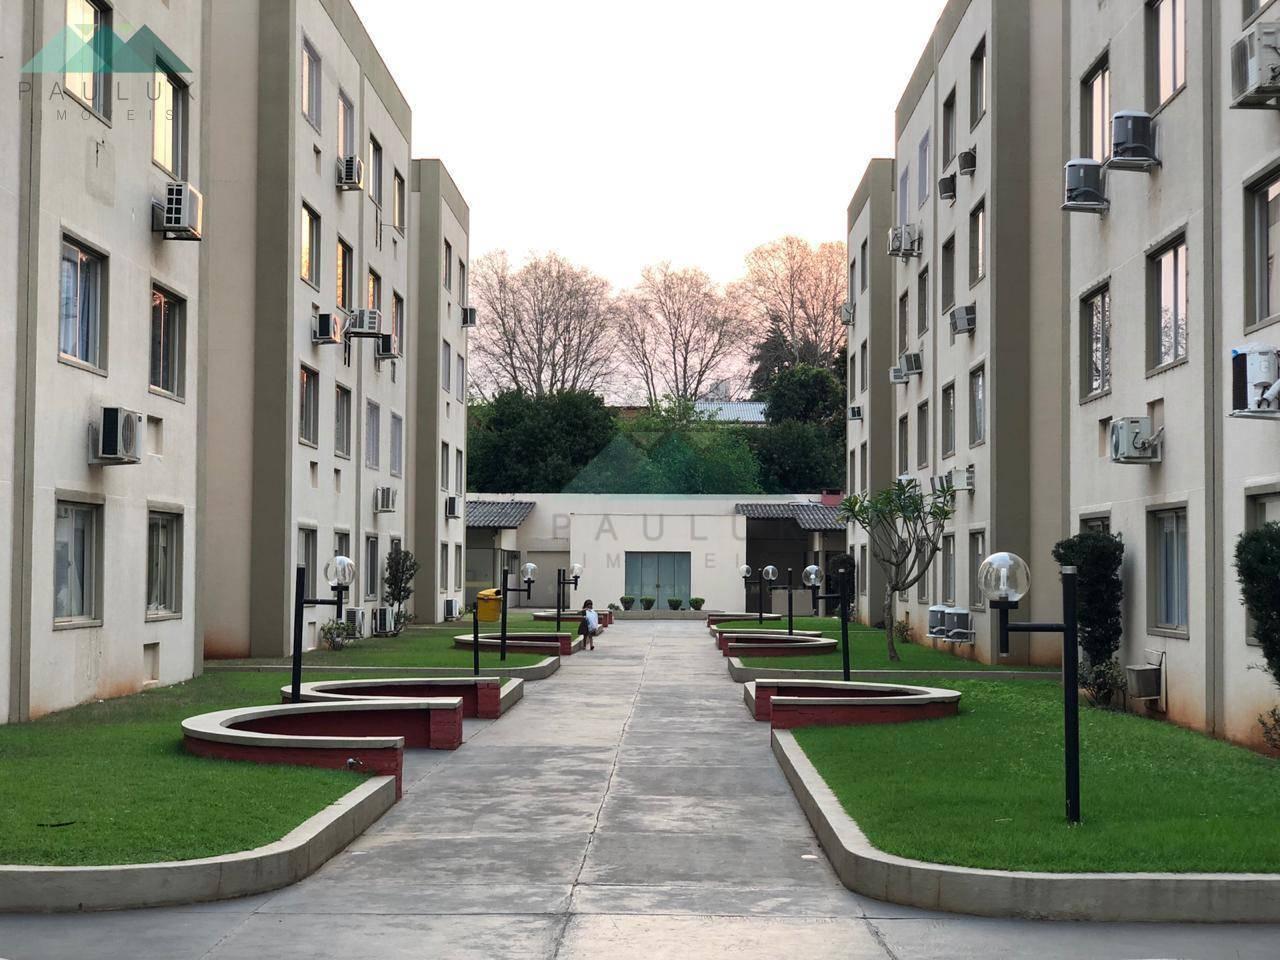 Apartamento com 2 Dormitórios para Alugar, 63 M² Por R$ 1.400,00/mês - Edifício Cora Coralina - Foz   PAULUK IMÓVEIS   Portal OBusca